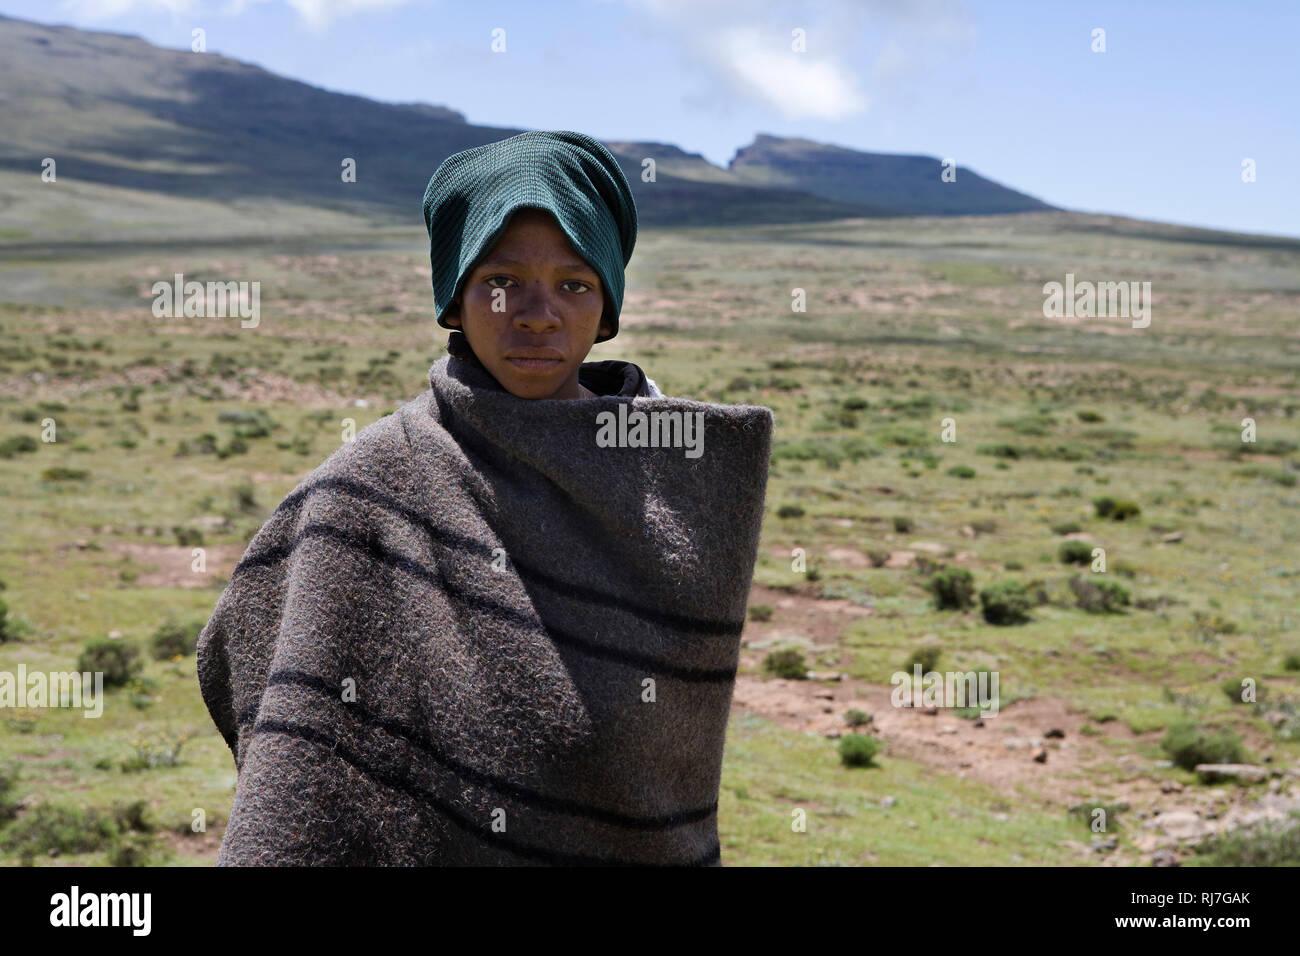 Hirtenjunge in den Bergen von Lesotho - Stock Image